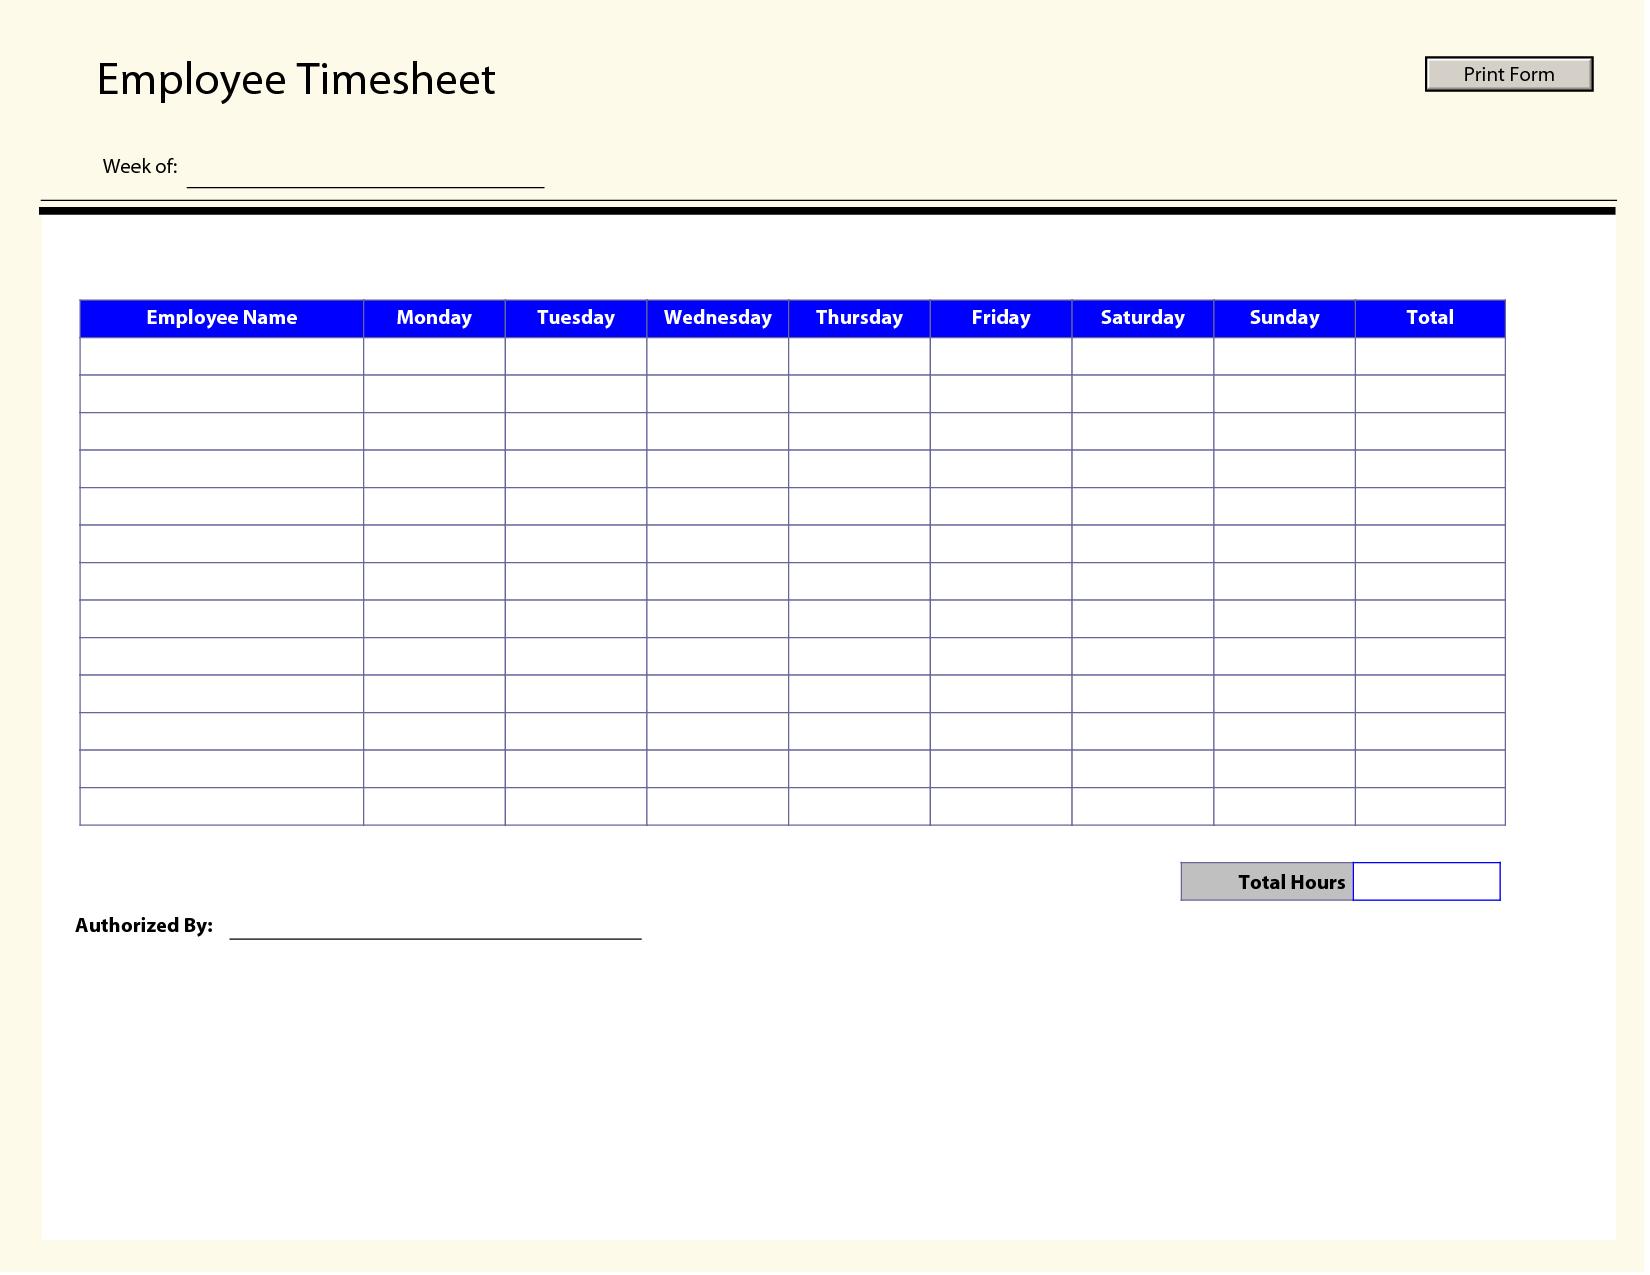 Blank Employee Timesheet Template | Management Templates | Timesheet - Timesheet Template Free Printable